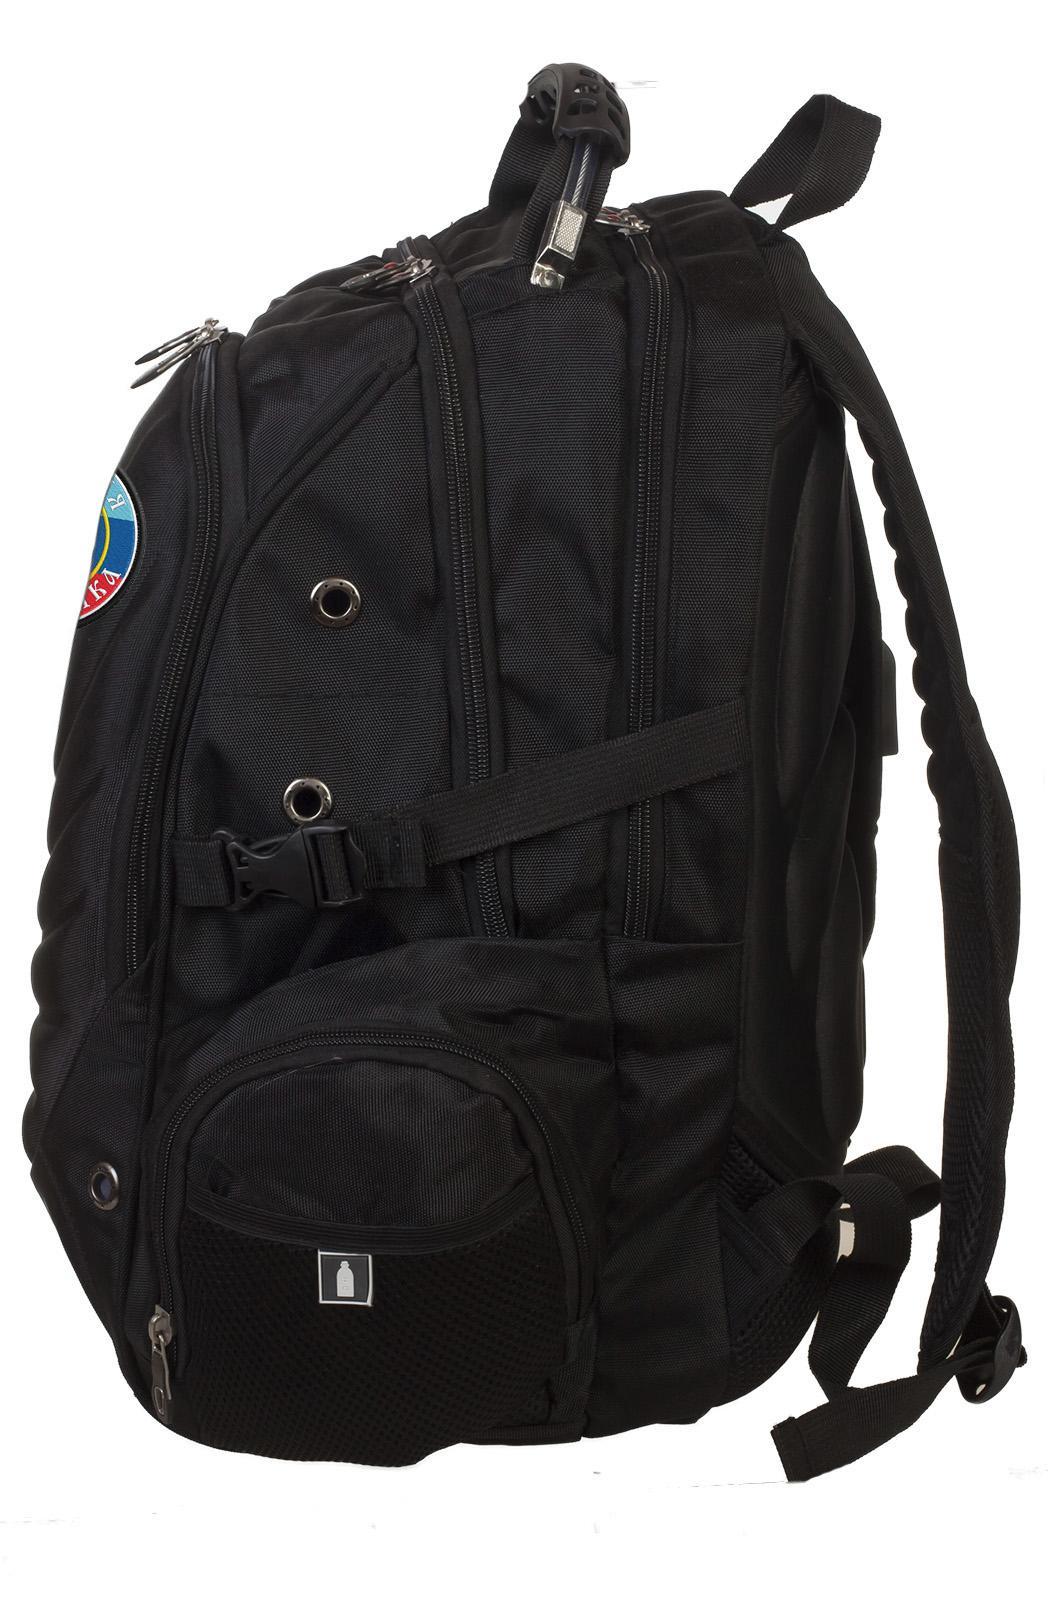 Мужской стильный рюкзак с флагом ЛНР - заказать в подарок